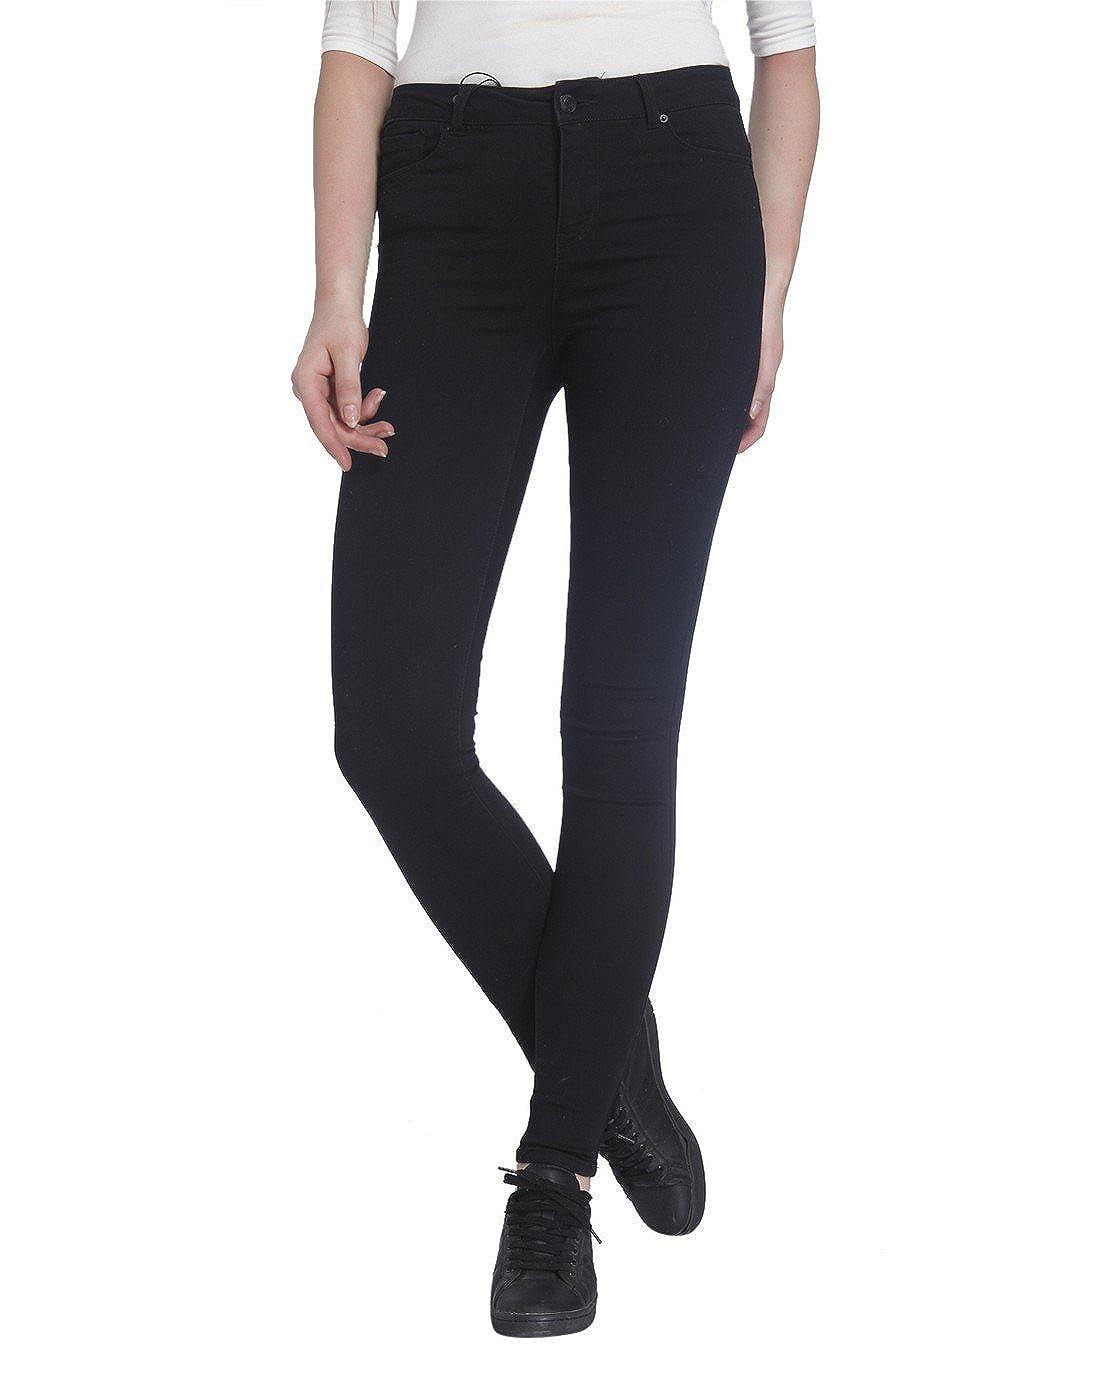 Vero Moda Vmseven NW SS Smooth Jeans Black Noos, Pantalones Vaqueros Delgados para Mujer